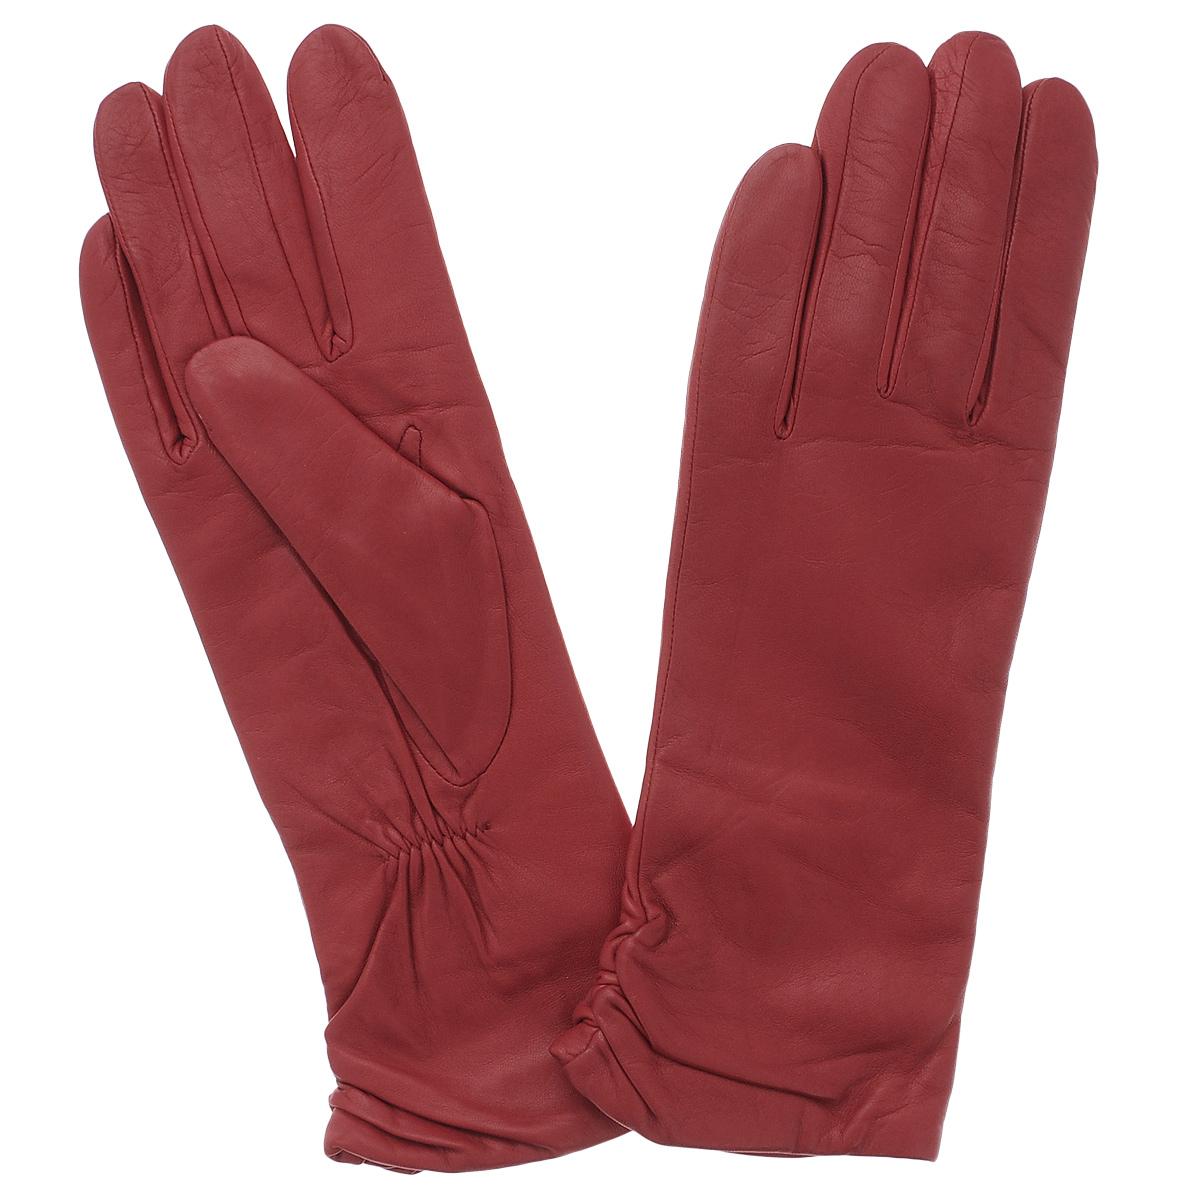 11_ASTRA/BLUEСтильные удлиненные перчатки Dali Exclusive с подкладкой из шерсти выполнены из мягкой и приятной на ощупь натуральной кожи ягненка. Манжеты по боковому шву собраны на резинку. Такие перчатки подчеркнут ваш стиль и неповторимость и придадут всему образу нотки женственности и элегантности.